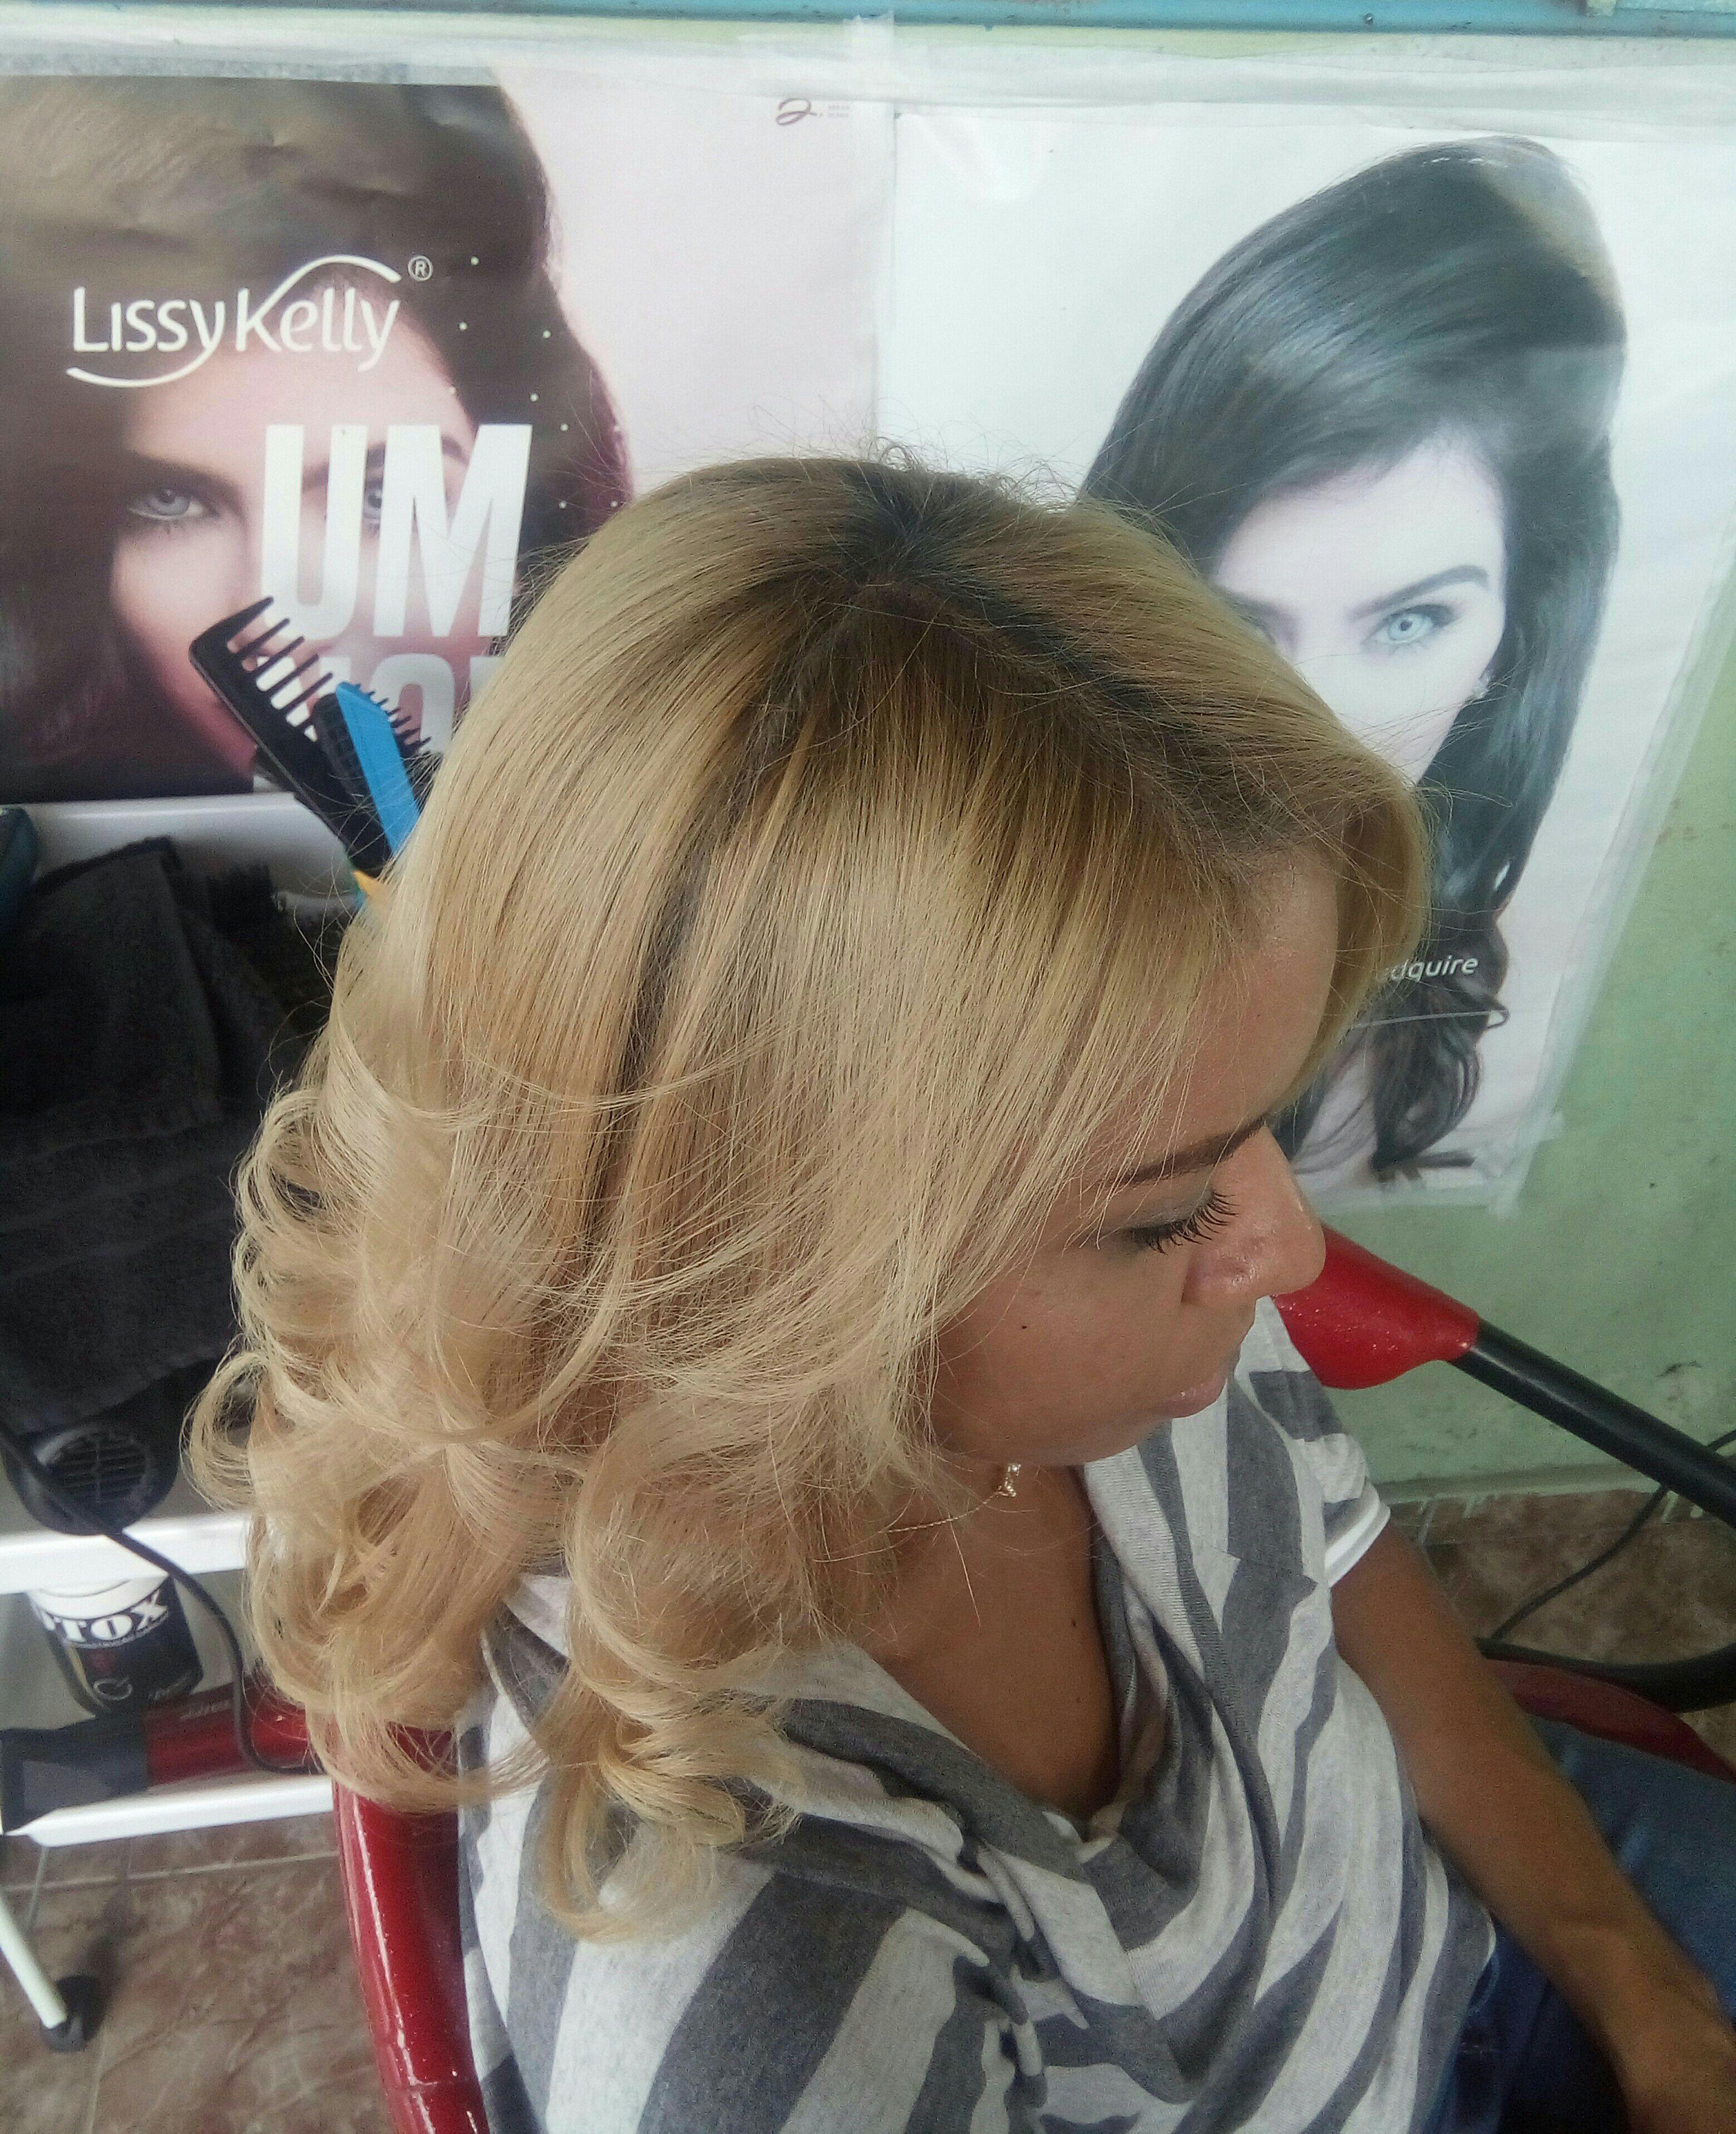 Meninas cabelo loiro, botox normal deu um tom de claramento, finalizei com cachos. cabelo